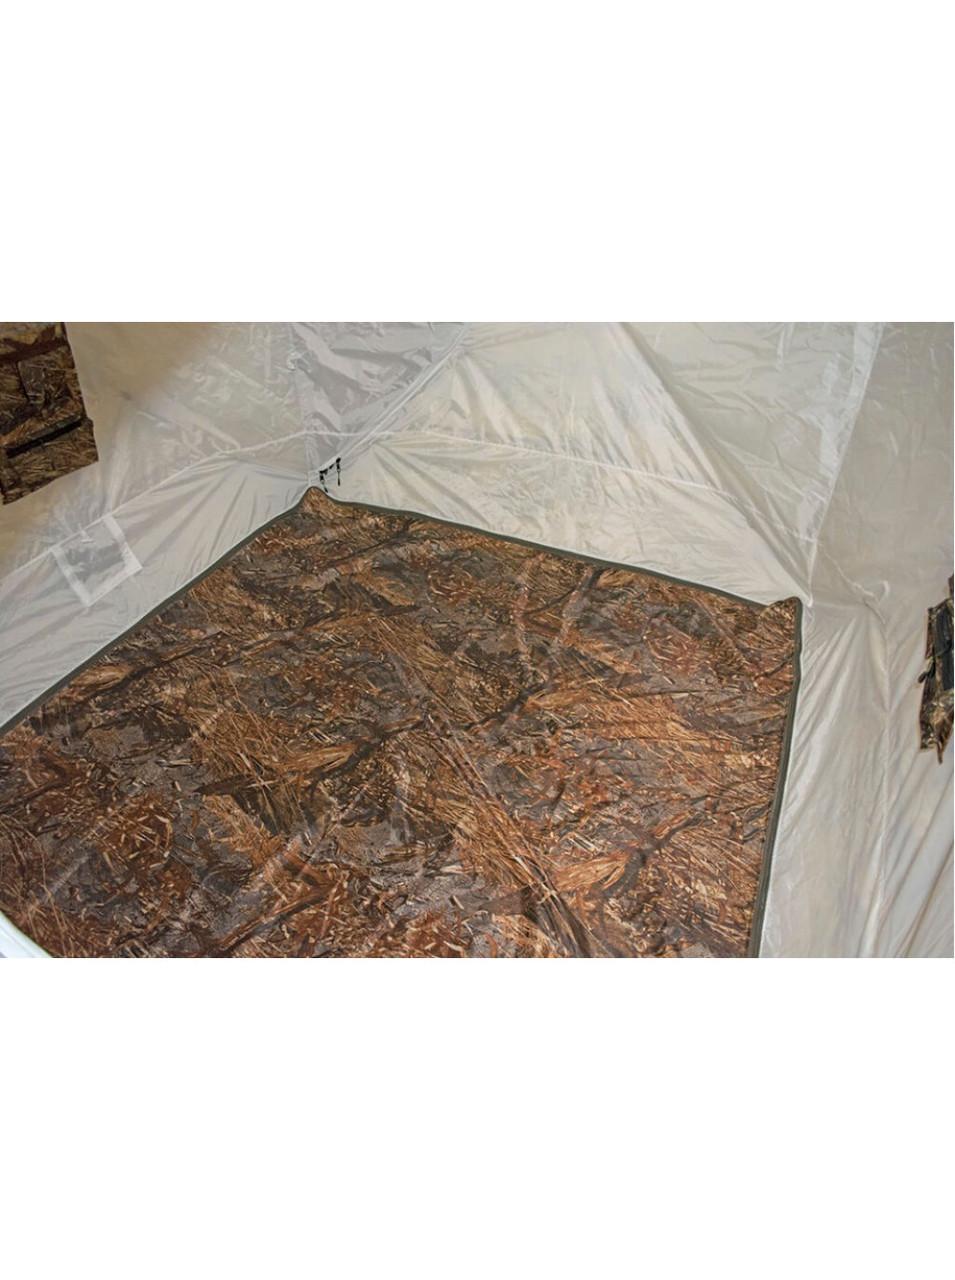 Палатка всесезонная Берег КУБ 2.20 двухслойная, непромокаемый пол из ПВХ размер 2,2 х 2,2 х 1,9 м. - фото 7